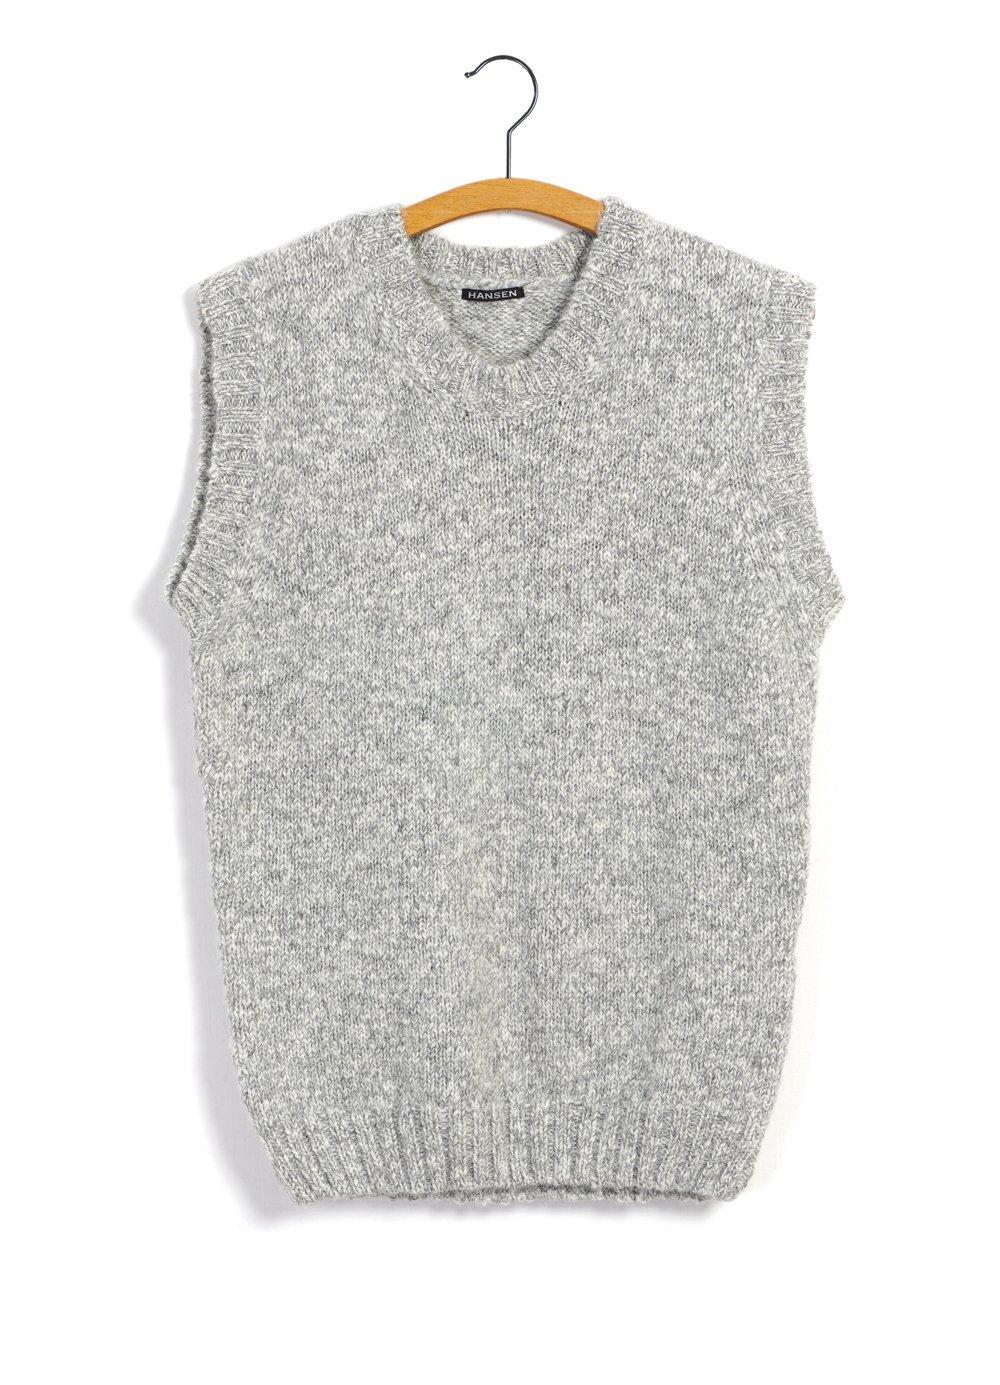 Hansen Garments MOGENS | Knitted Crew Neck Vest | smoke